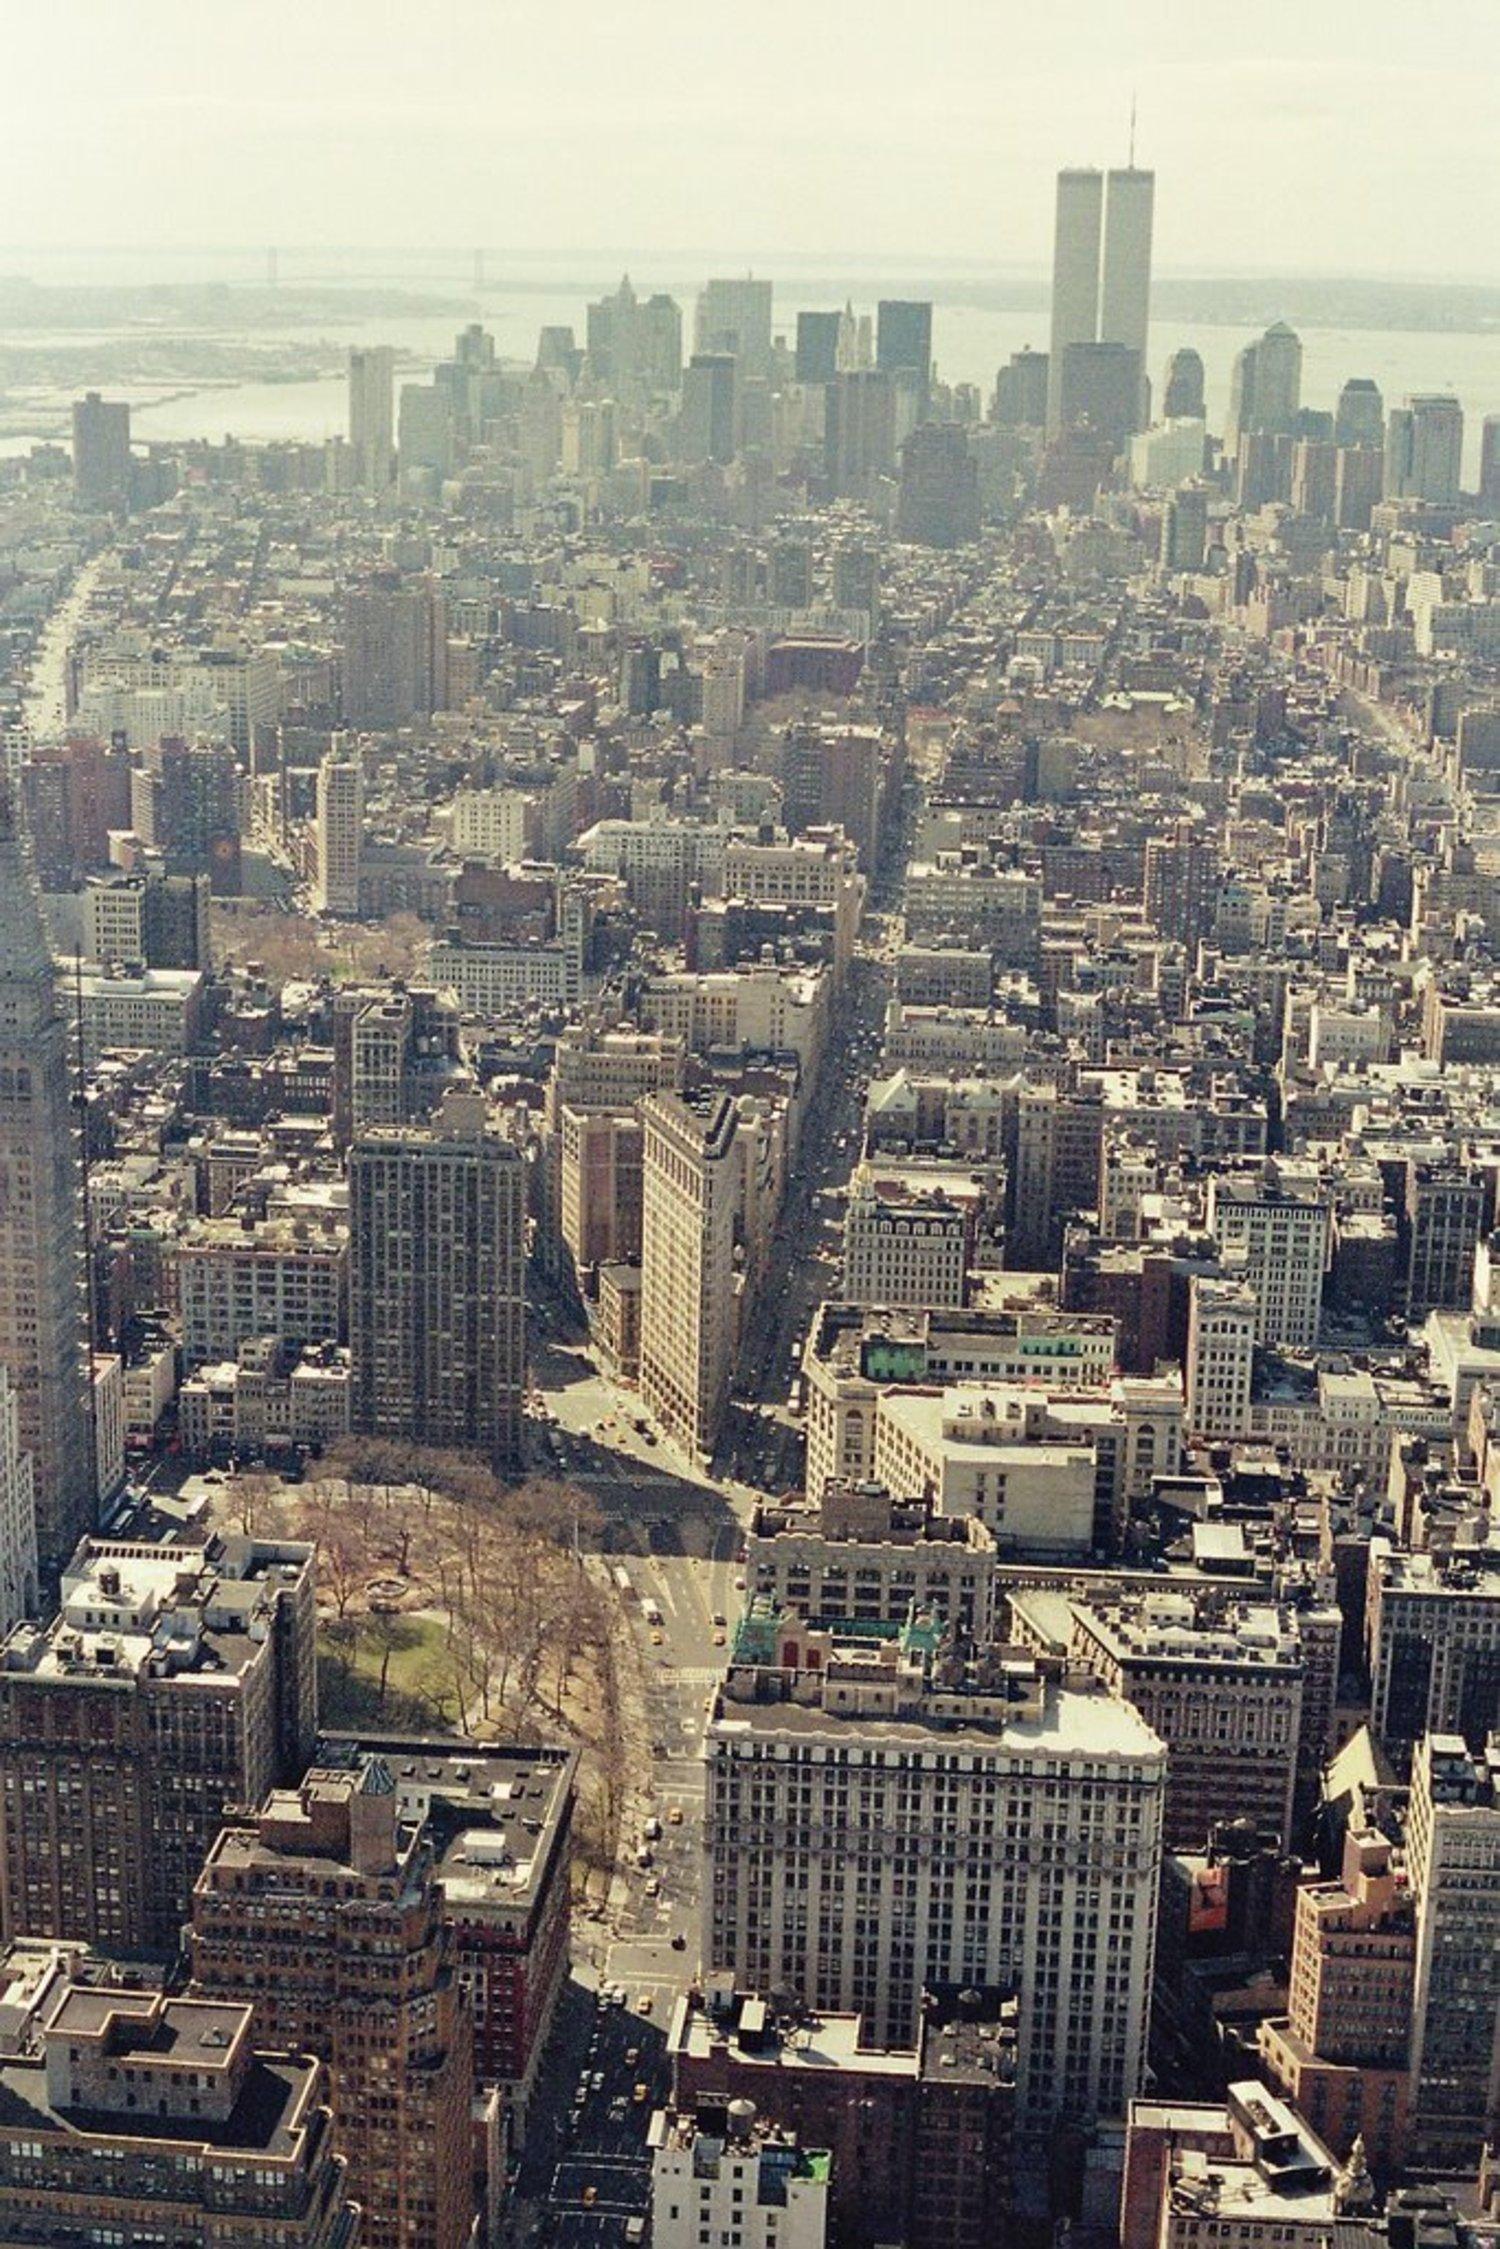 Lower Manhattan, March 2001